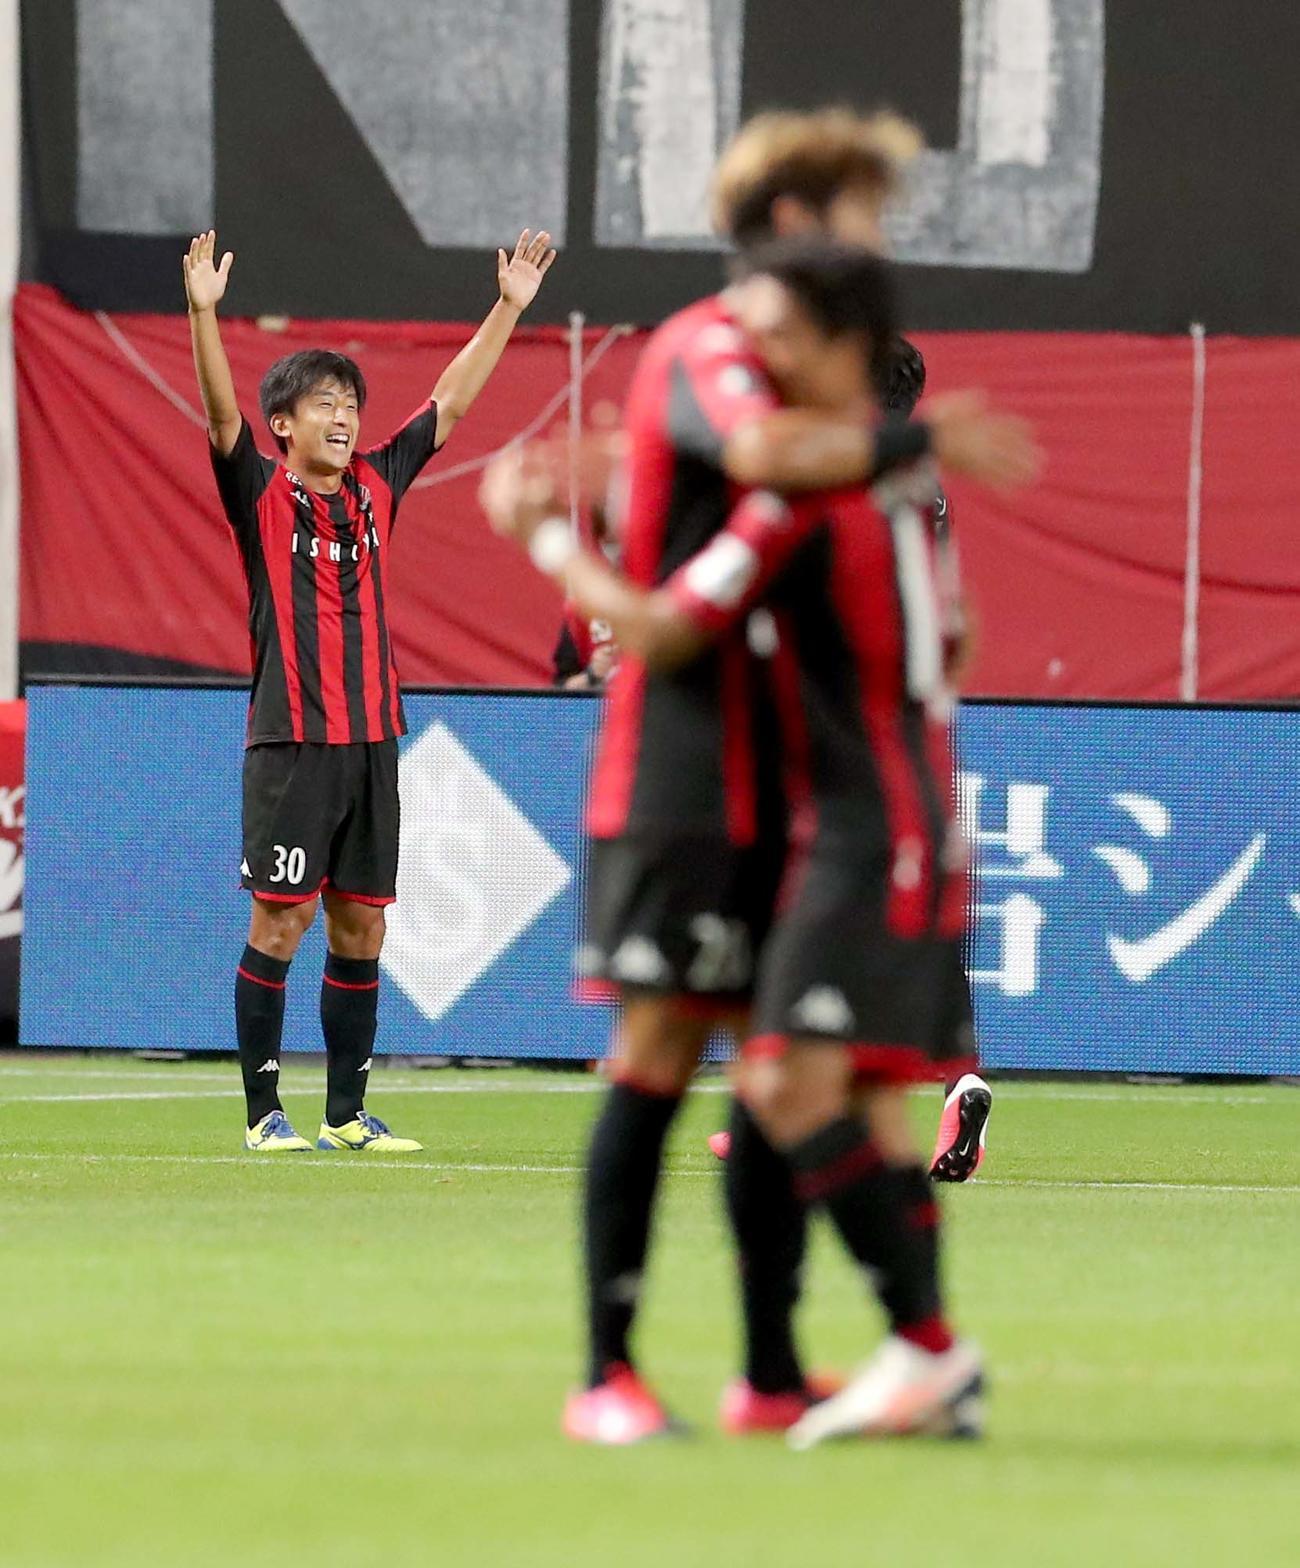 札幌対横浜 後半44分、ゴールを決め喜ぶ札幌MF金子(撮影・佐藤翔太)